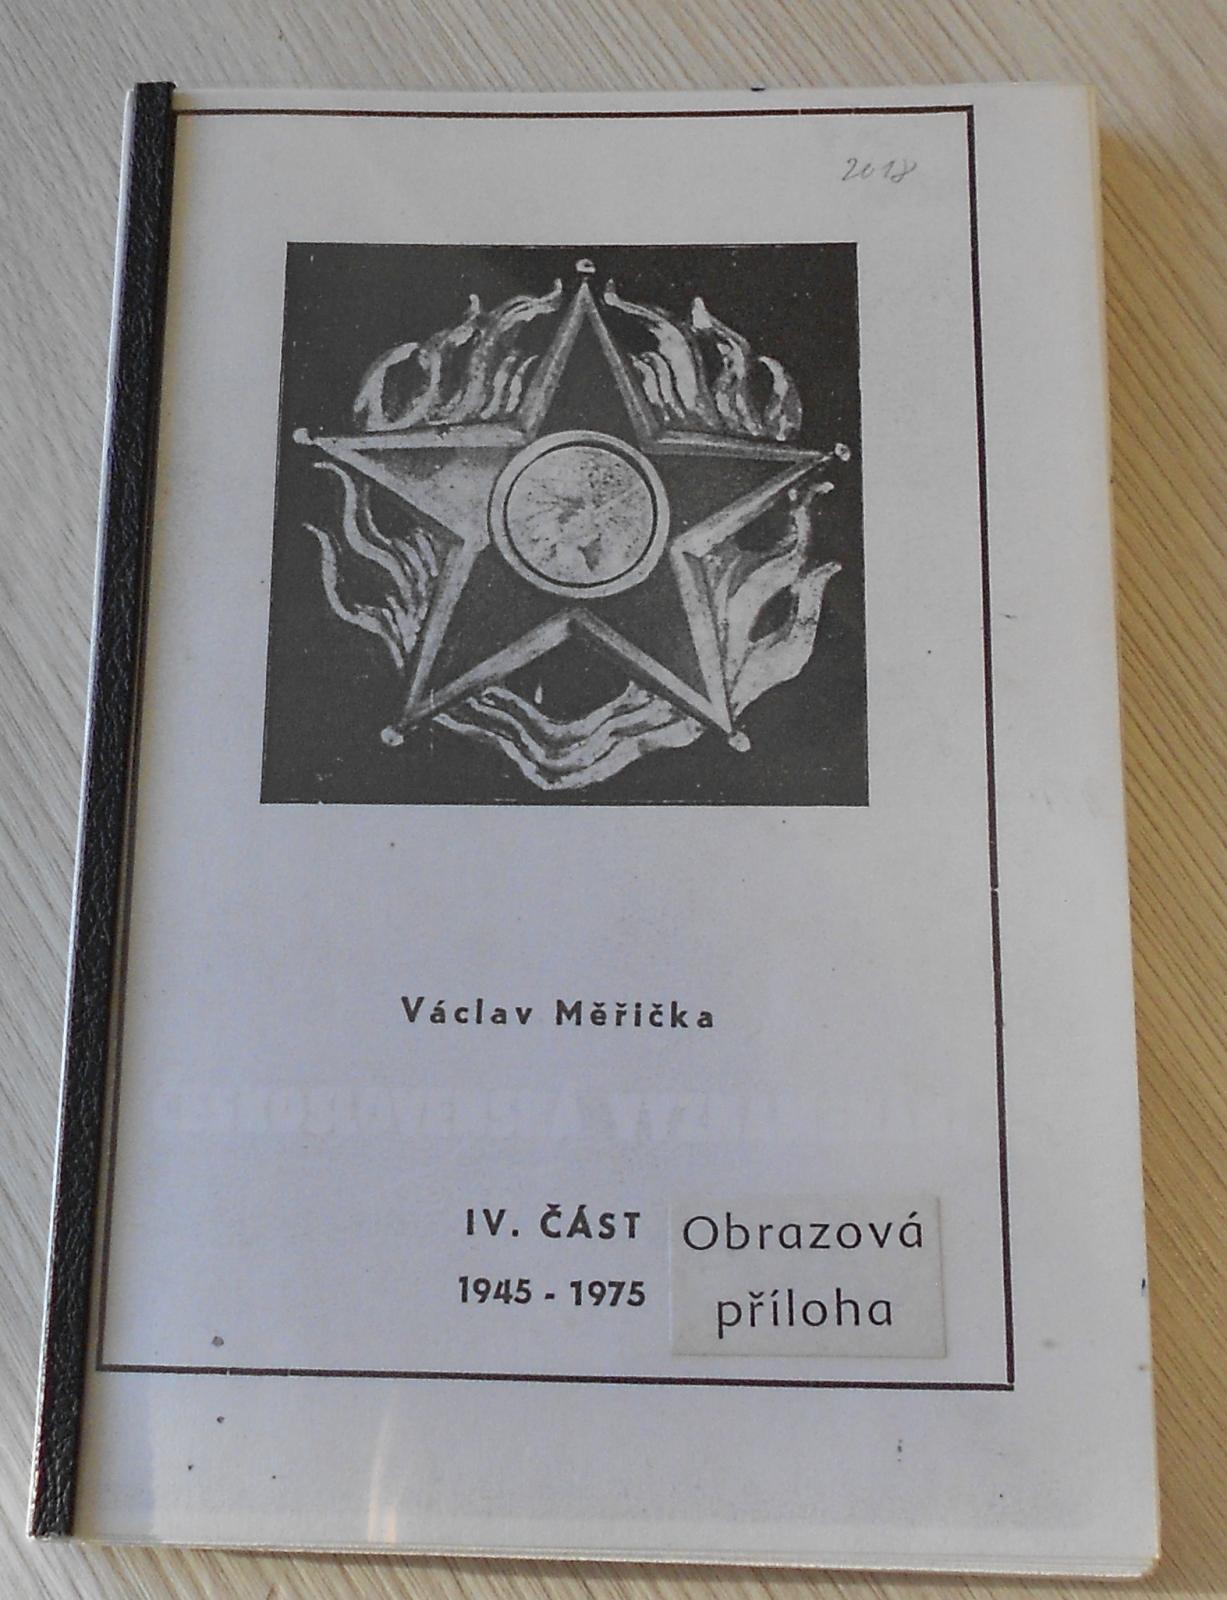 Čs. vyznamenání – Václav Měřička IV. část, obrazová příloha